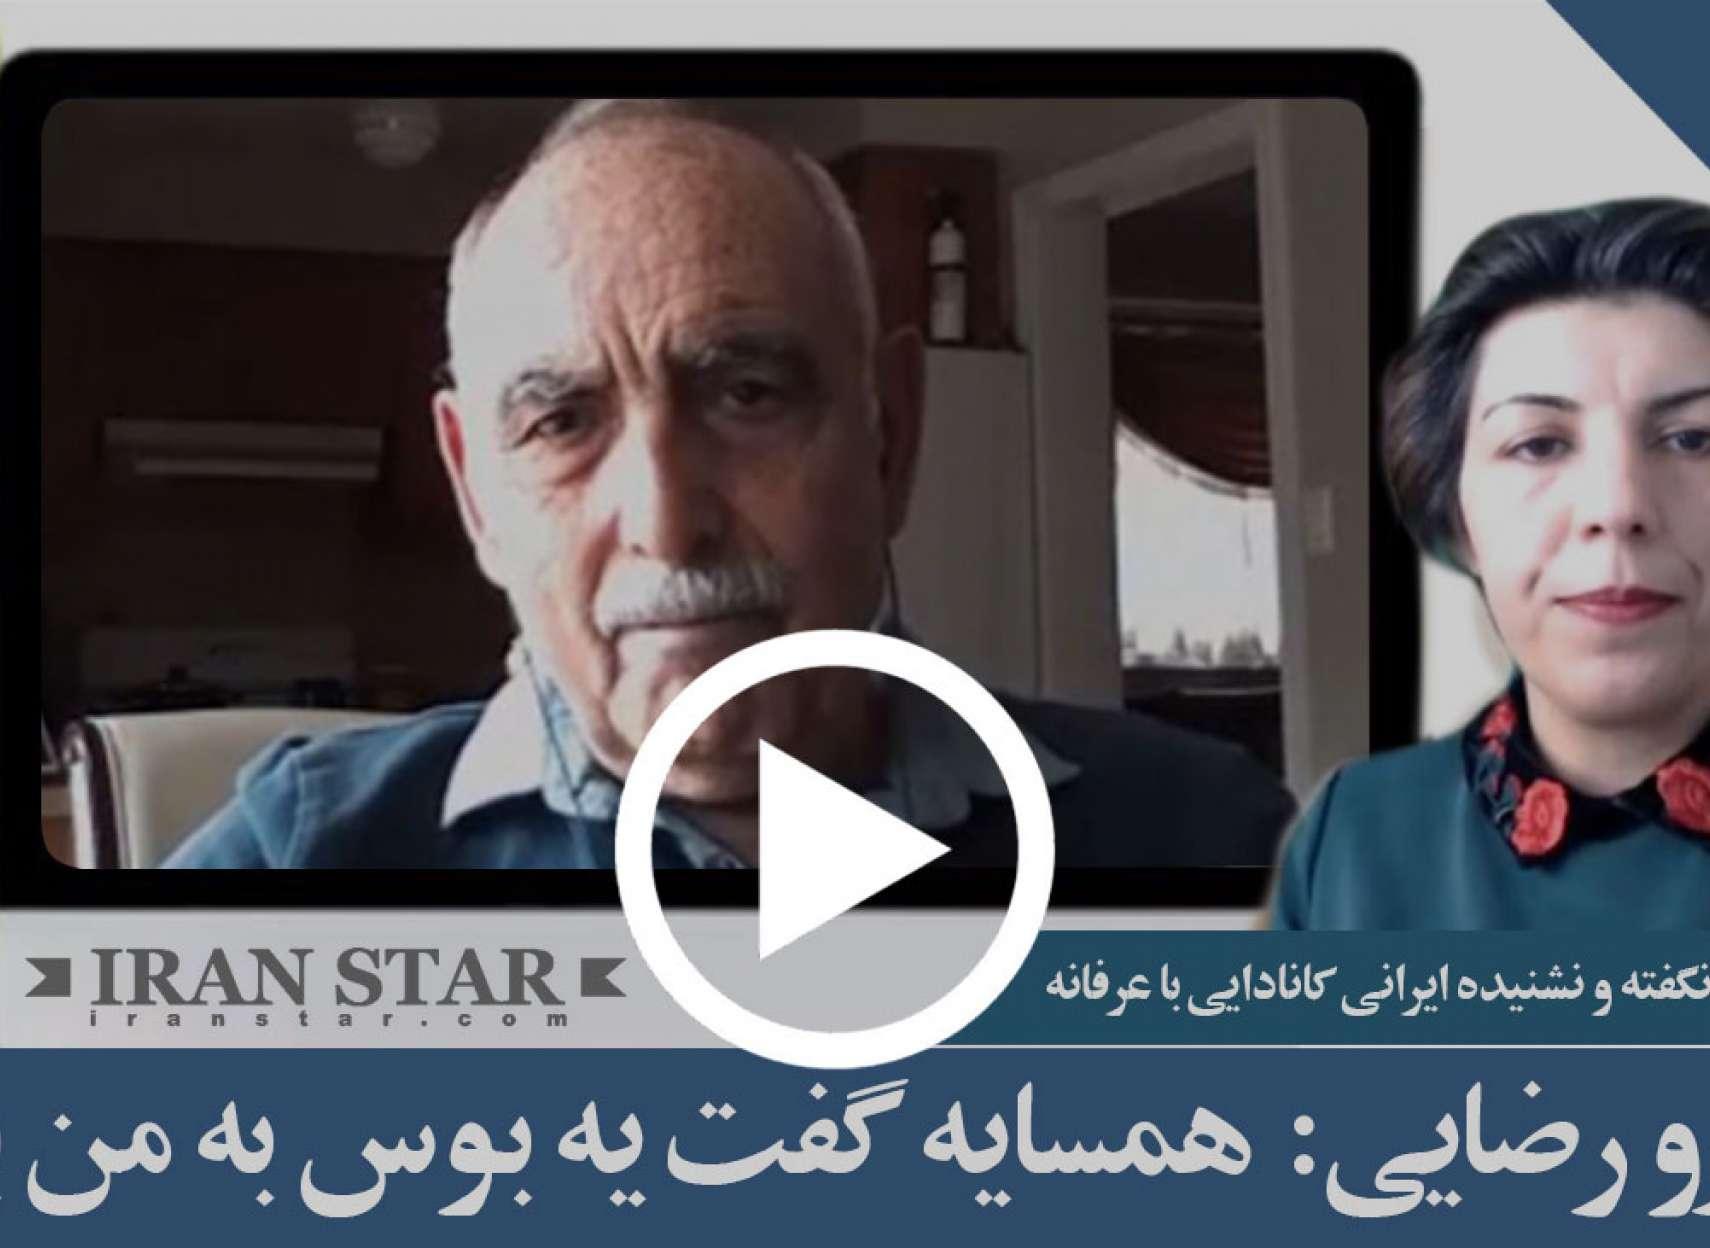 گپ تاپ - مهاجرت - ایرانیان - خسرو رضایی: همسایه گفت یه بوس به من بده